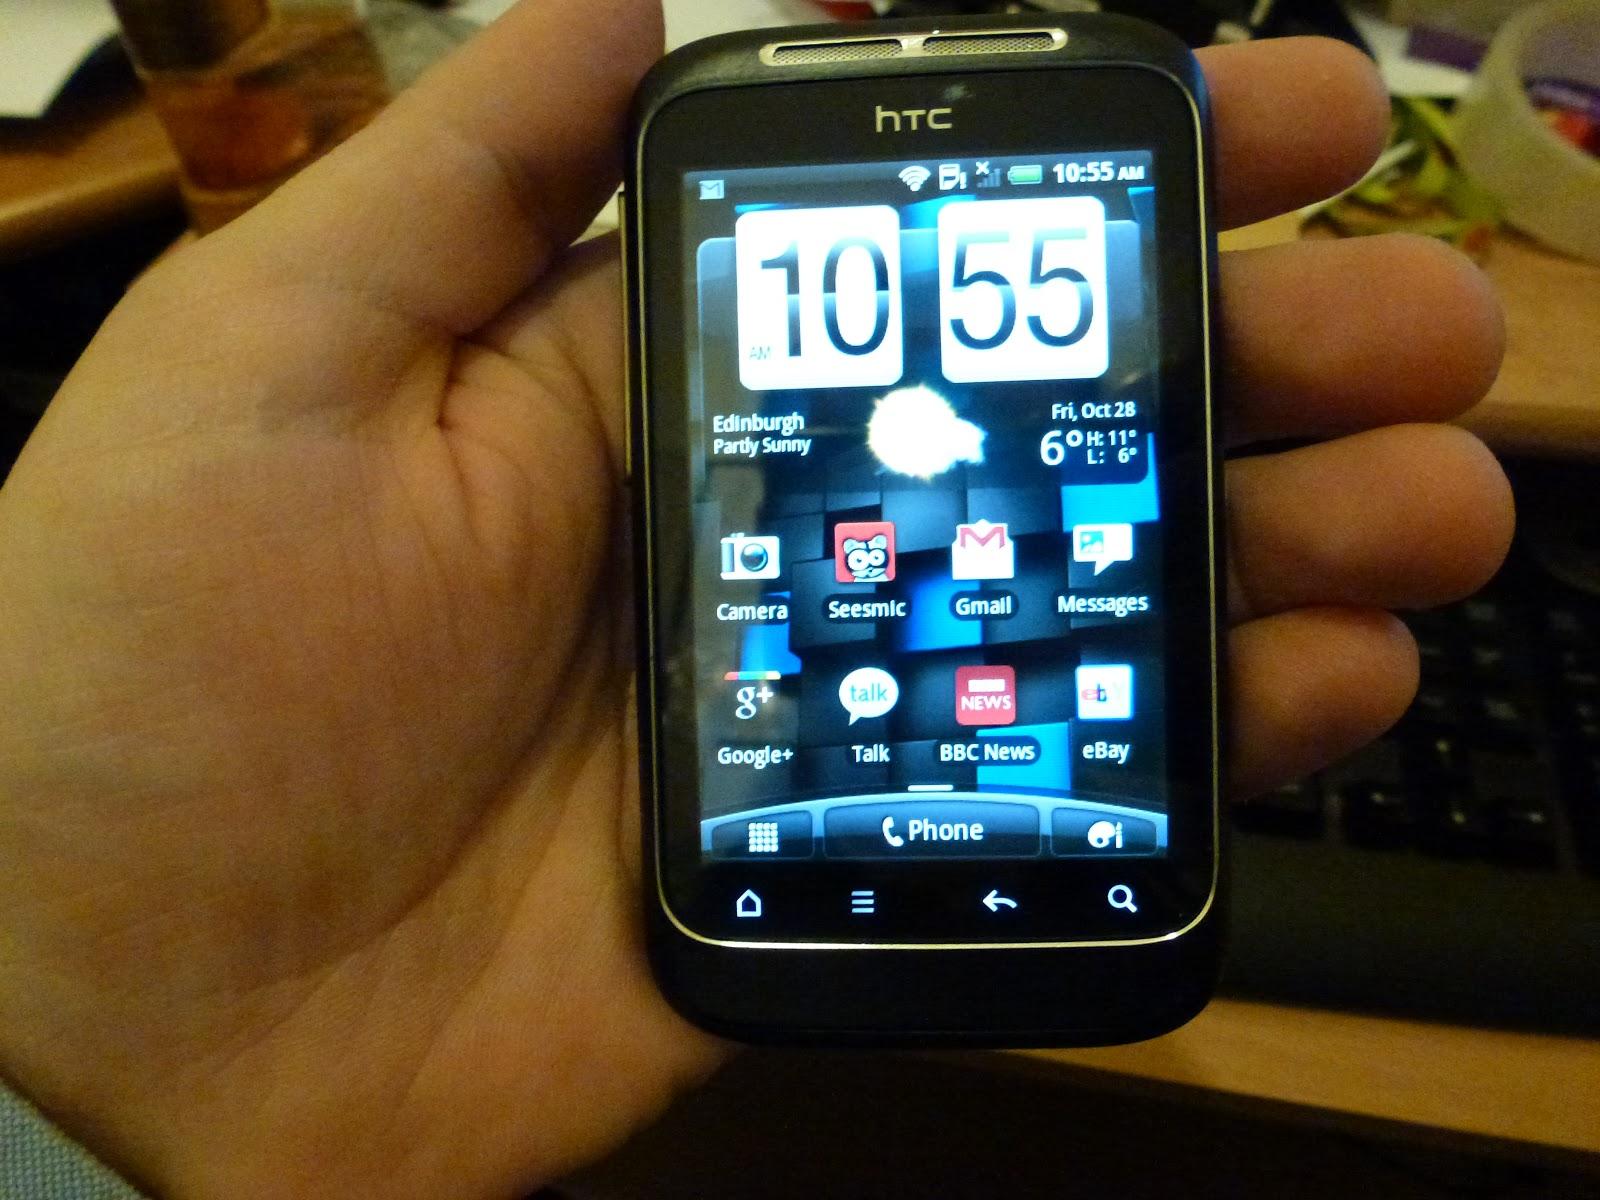 5 oct 2012 di2nss mobile blog kalo kmu bosan dngan game java trus,,, cocok ni buat kmu,,,, buat apa emulator ini ????